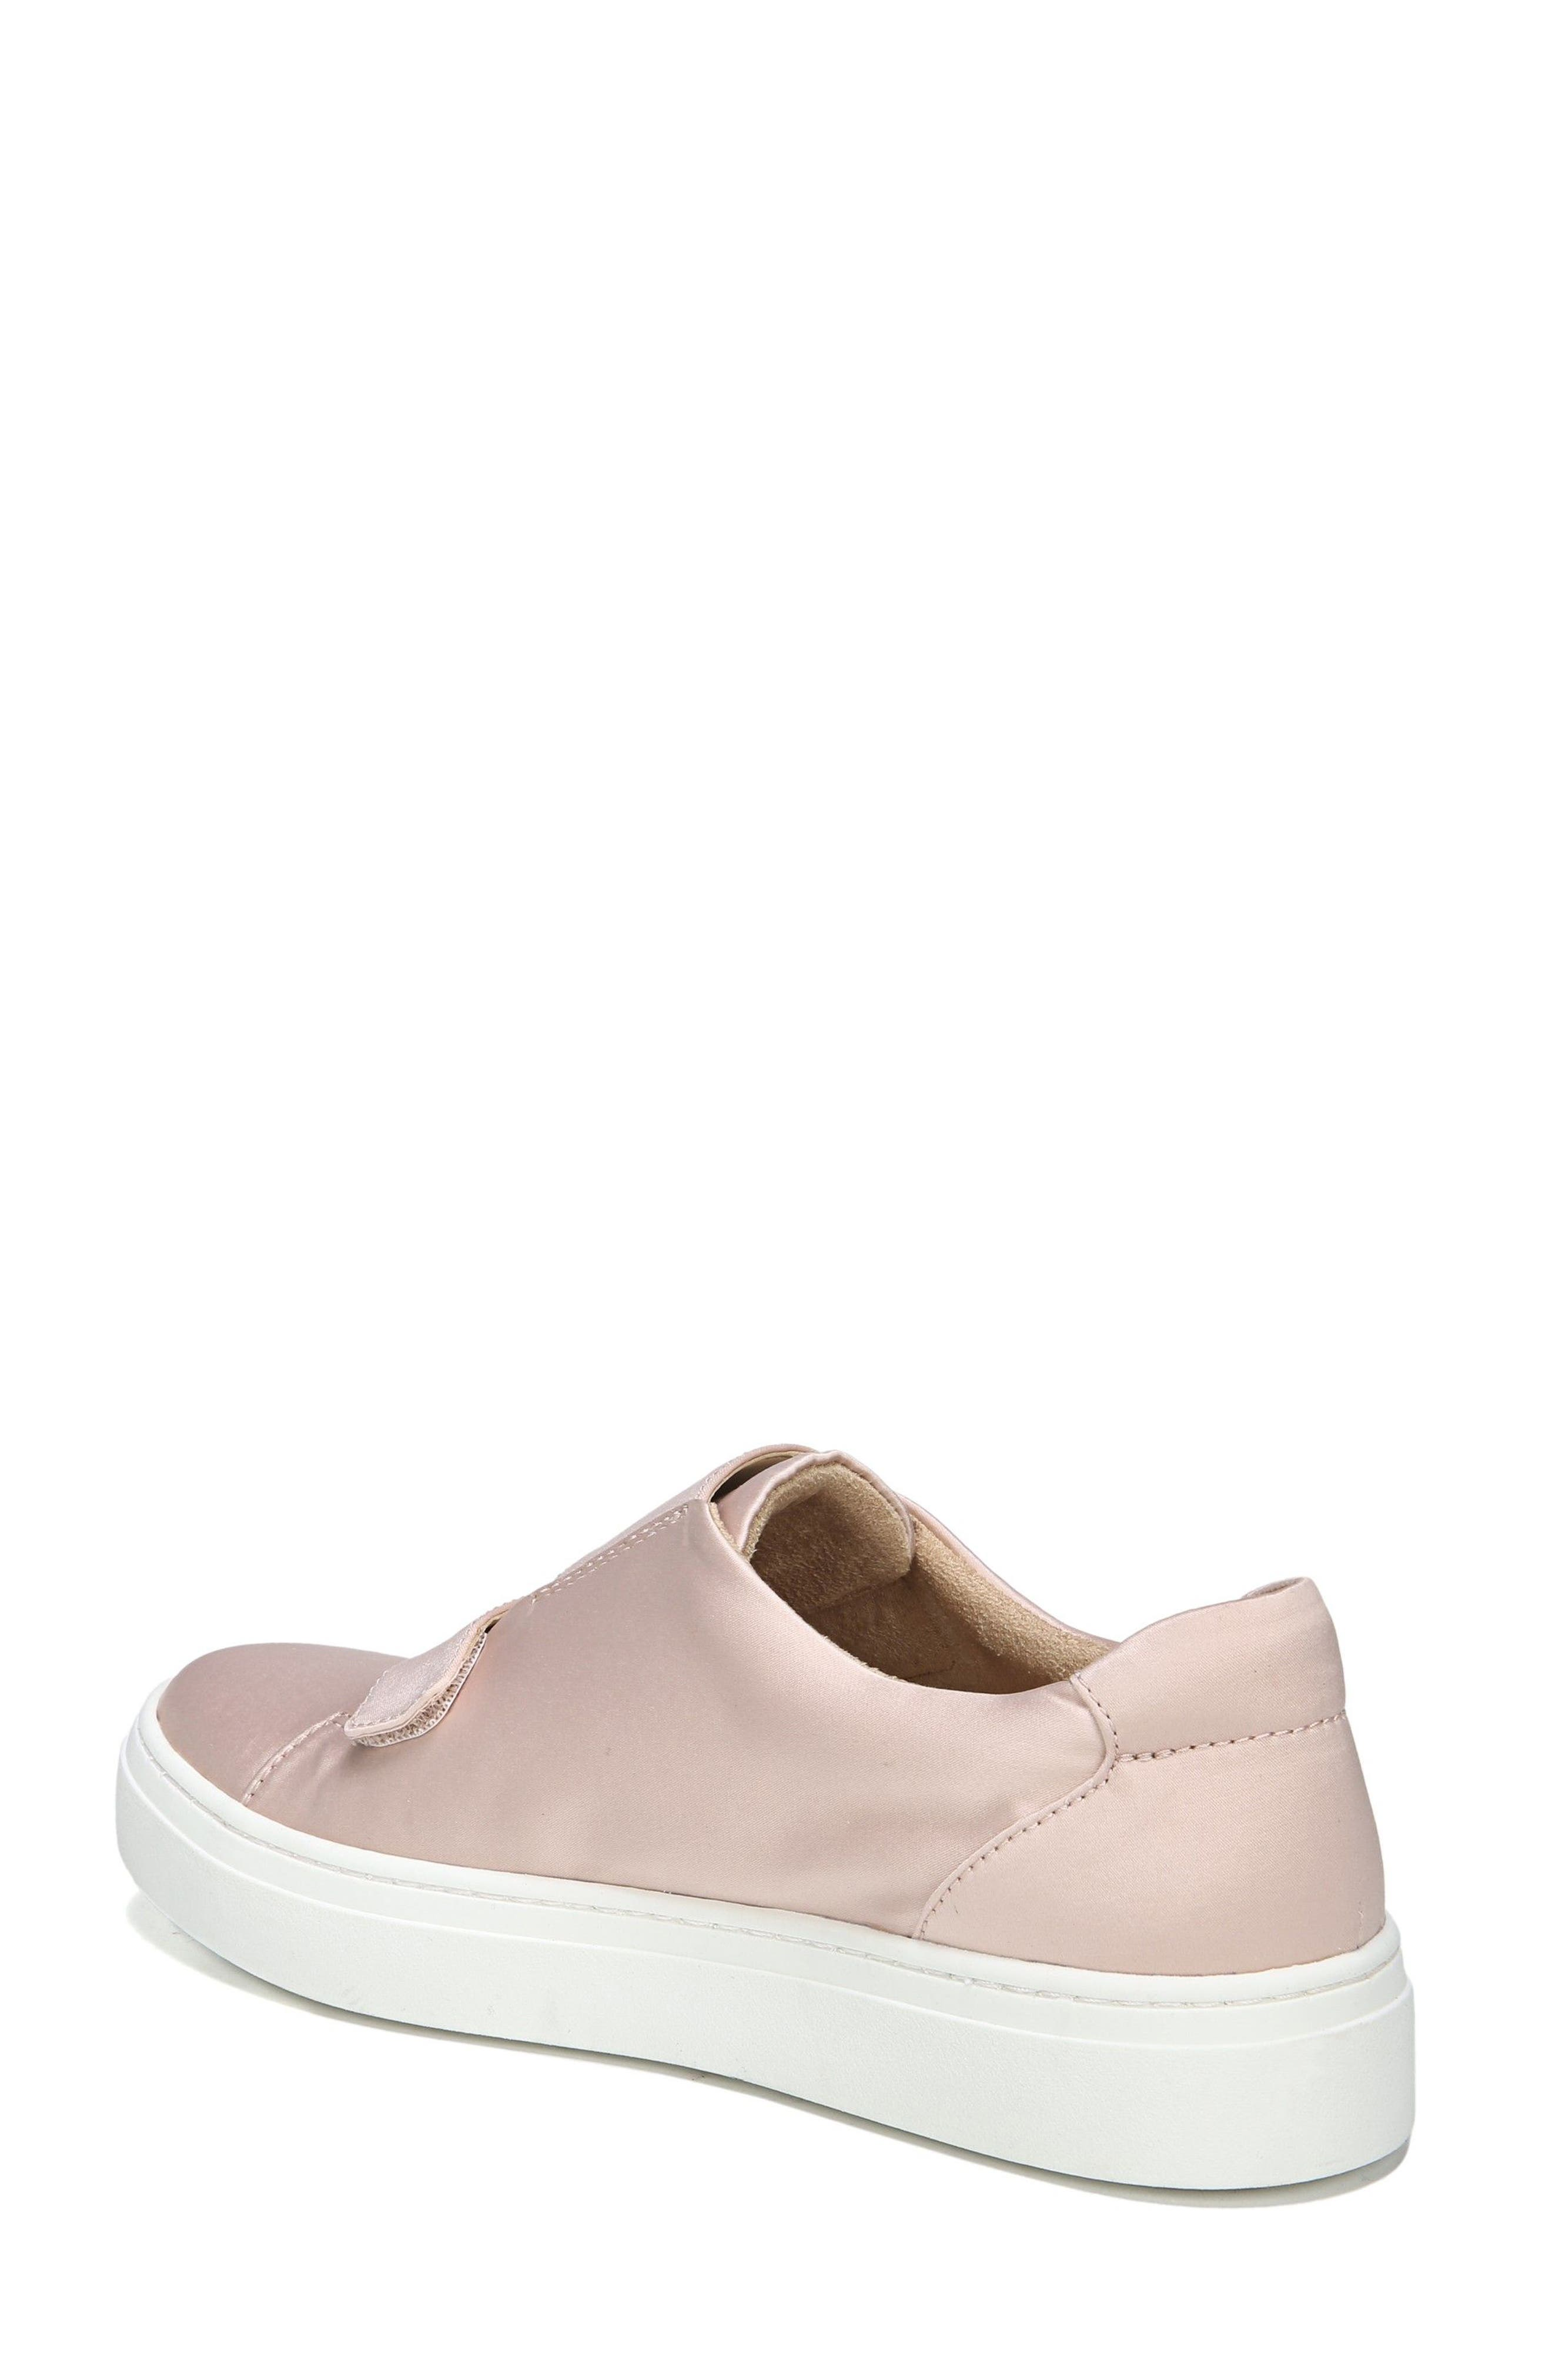 Charlie Slip-On Sneaker,                             Alternate thumbnail 6, color,